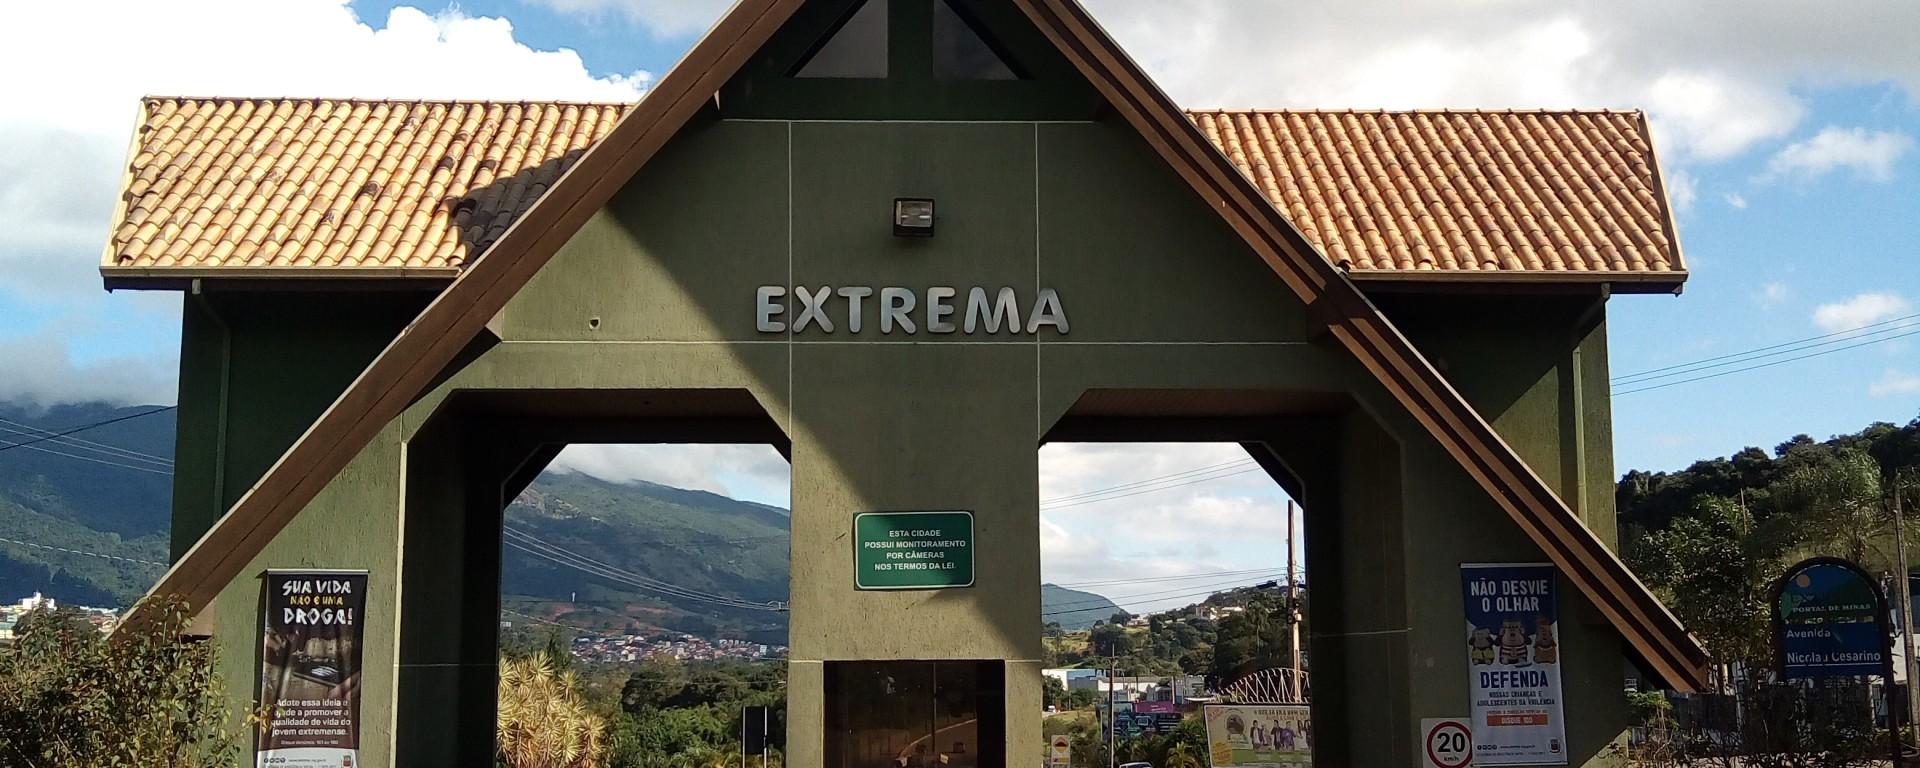 EXTREMA - MG